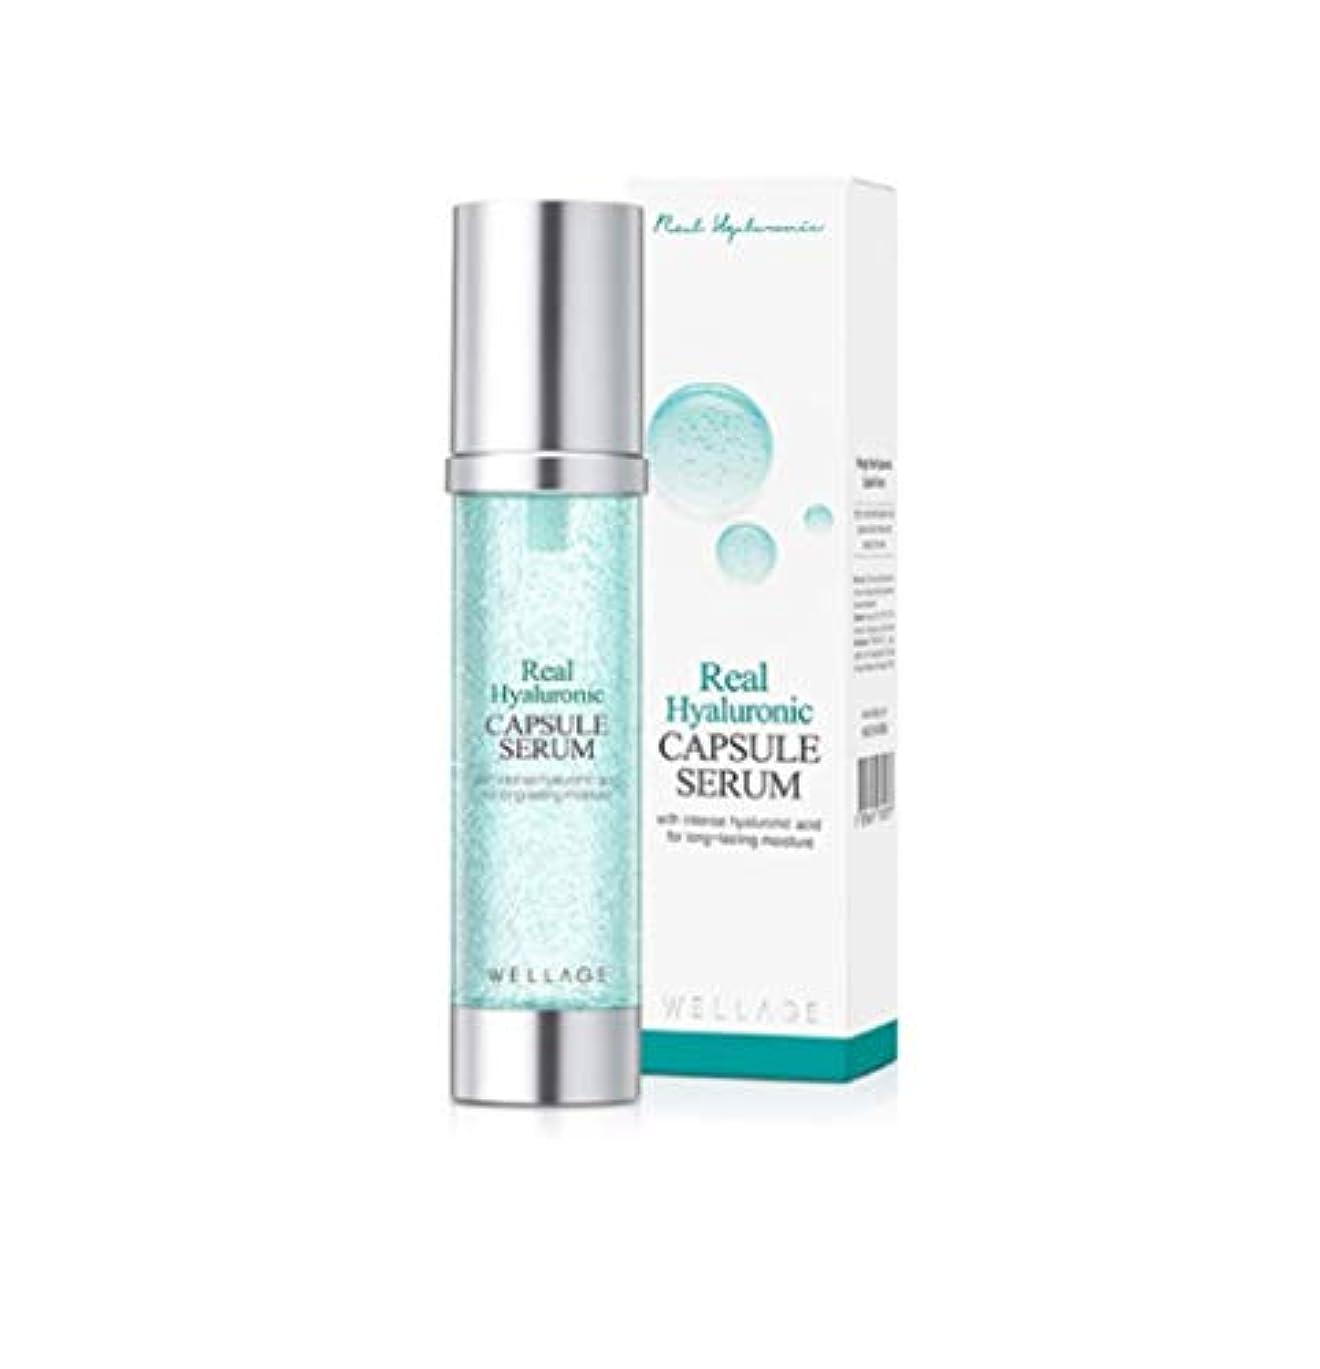 フレットマイクロできるWELLAGE(ウェラージュ) リアルヒアルロン酸カプセル血清 50ml / Real Hyaluronic Capsule Serum (Korea Beautyの持続的な水分補給)